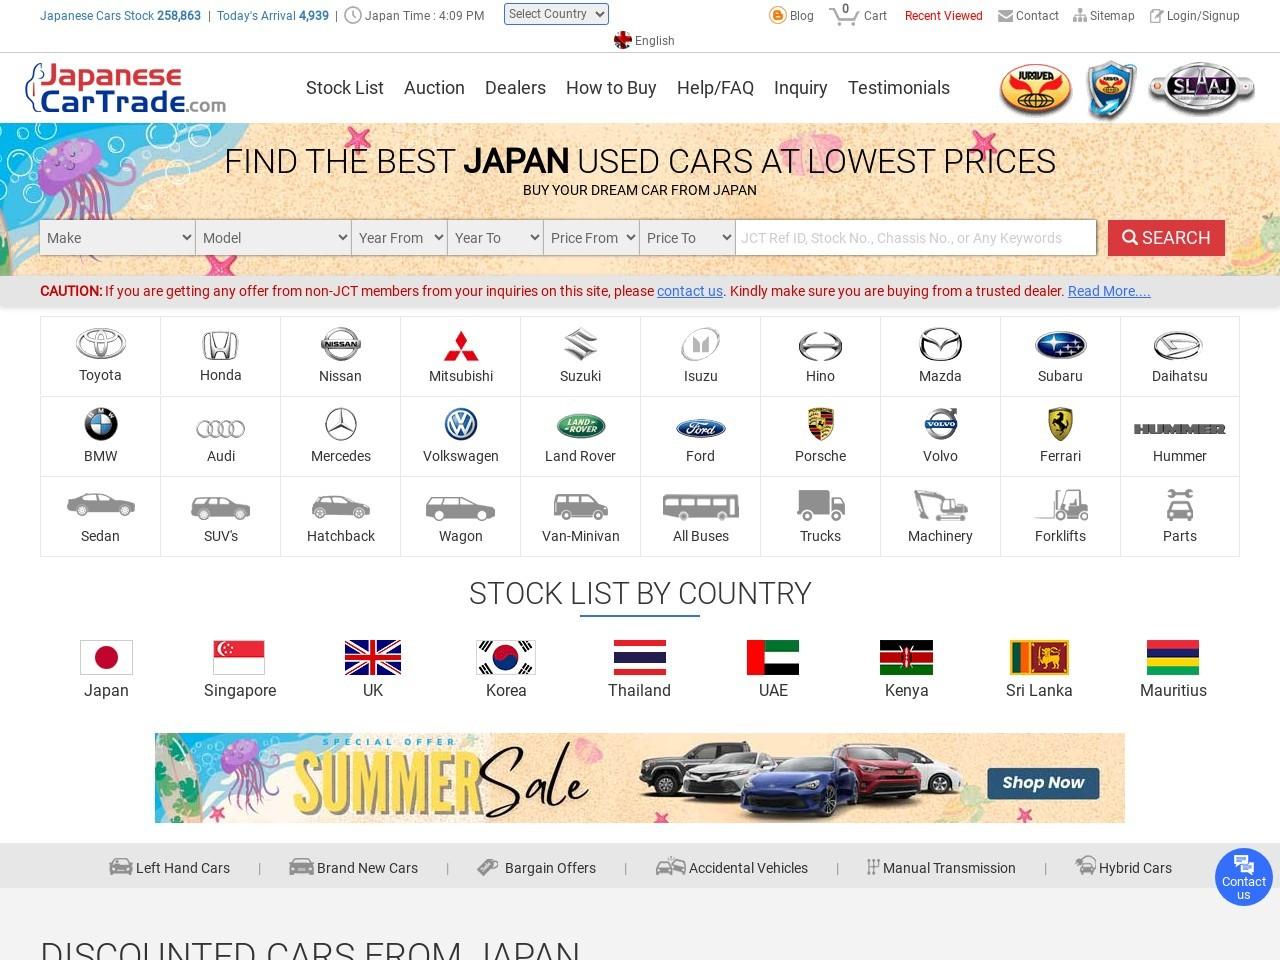 japanesecartrade.com